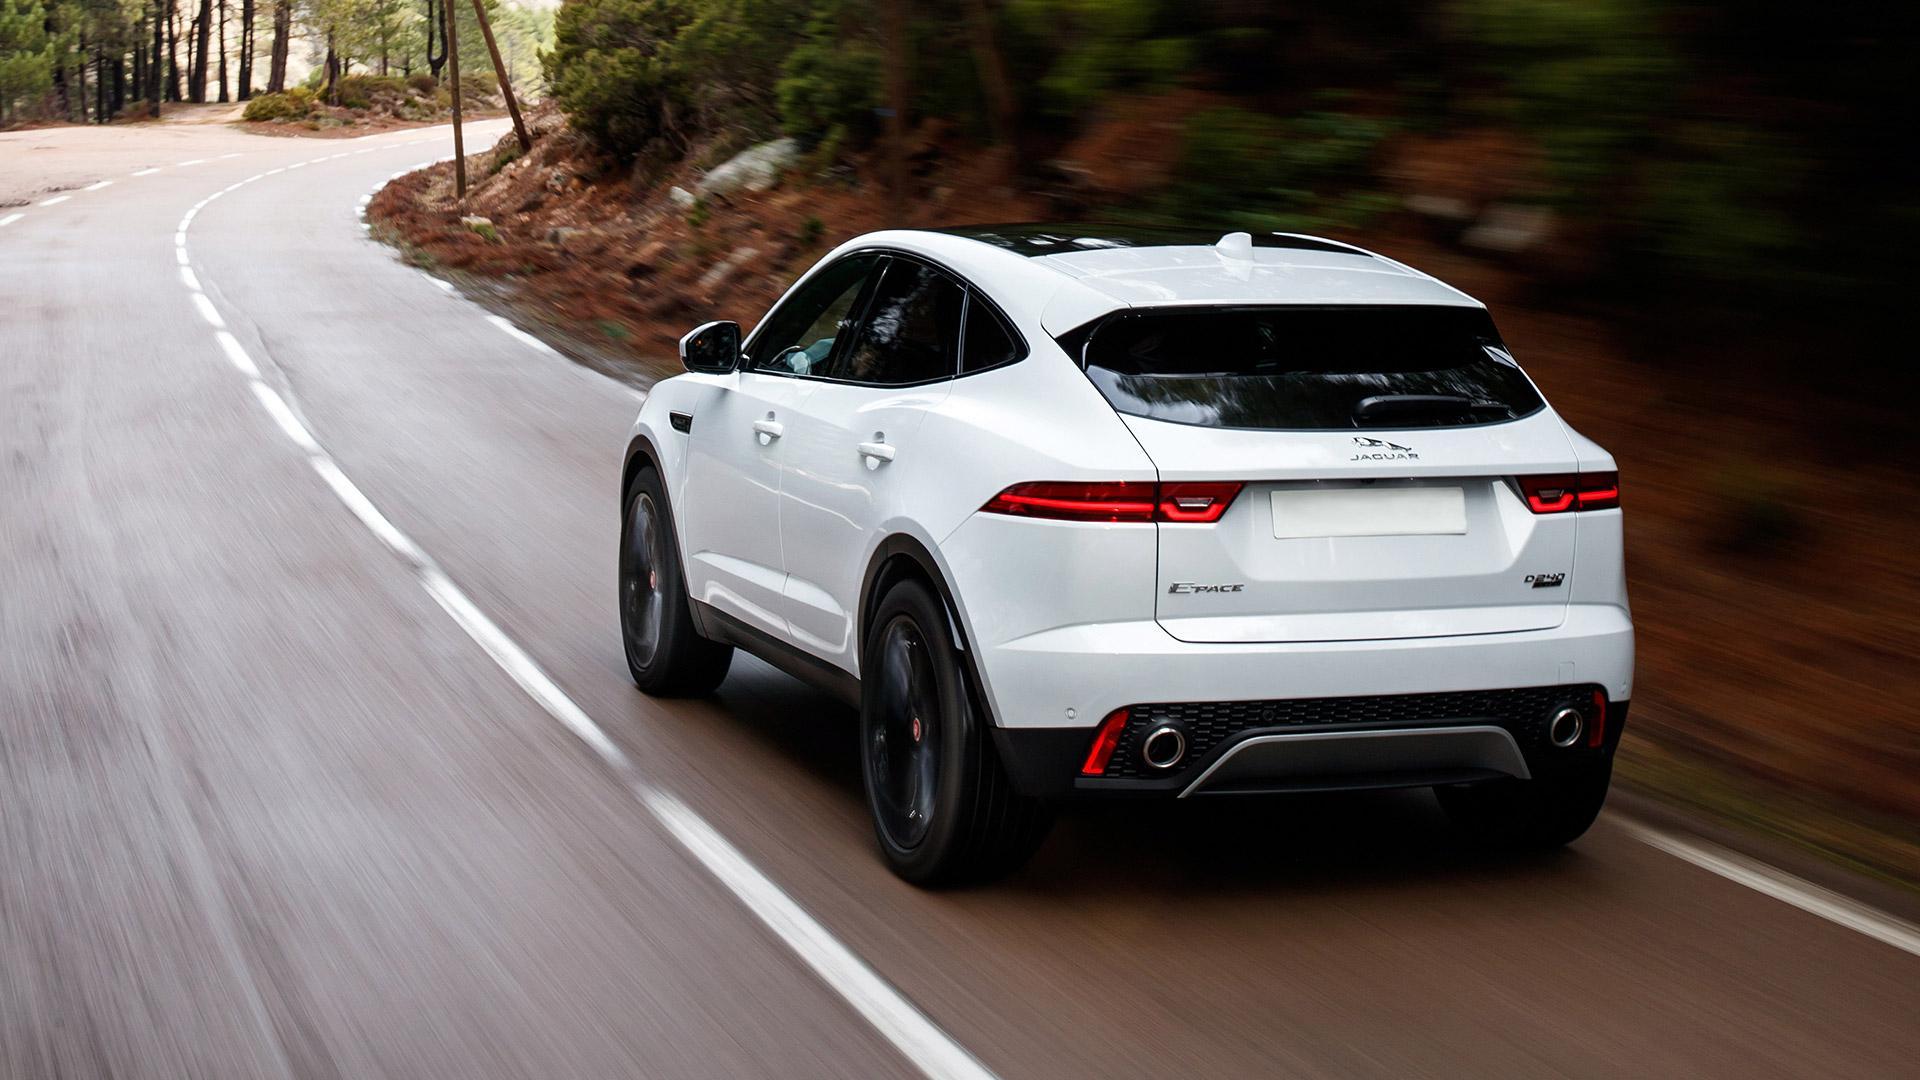 Renting coches Jaguar E-Pace